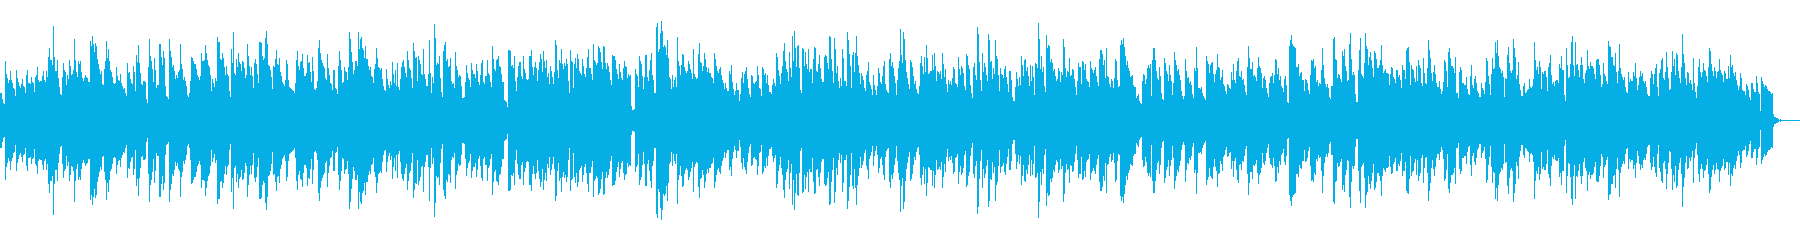 ミドルテンポの明るいジャズの再生済みの波形